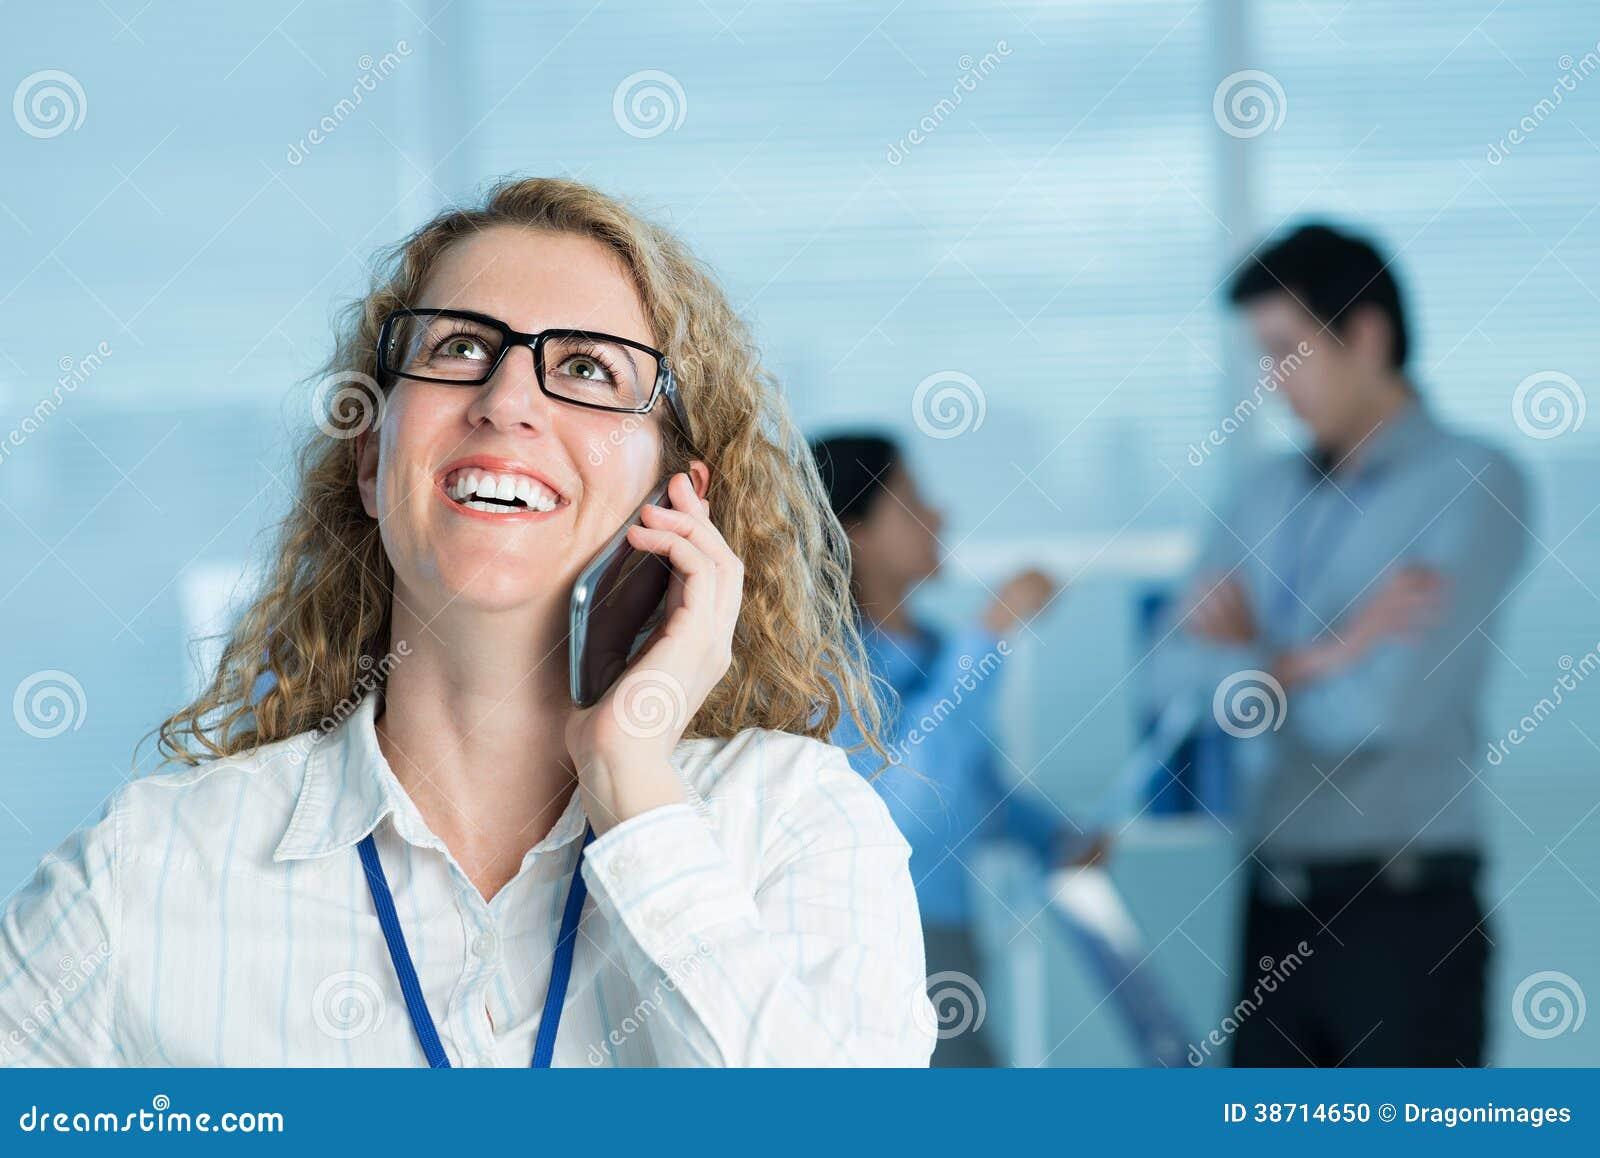 Συναισθηματική τηλεφωνική συνομιλία